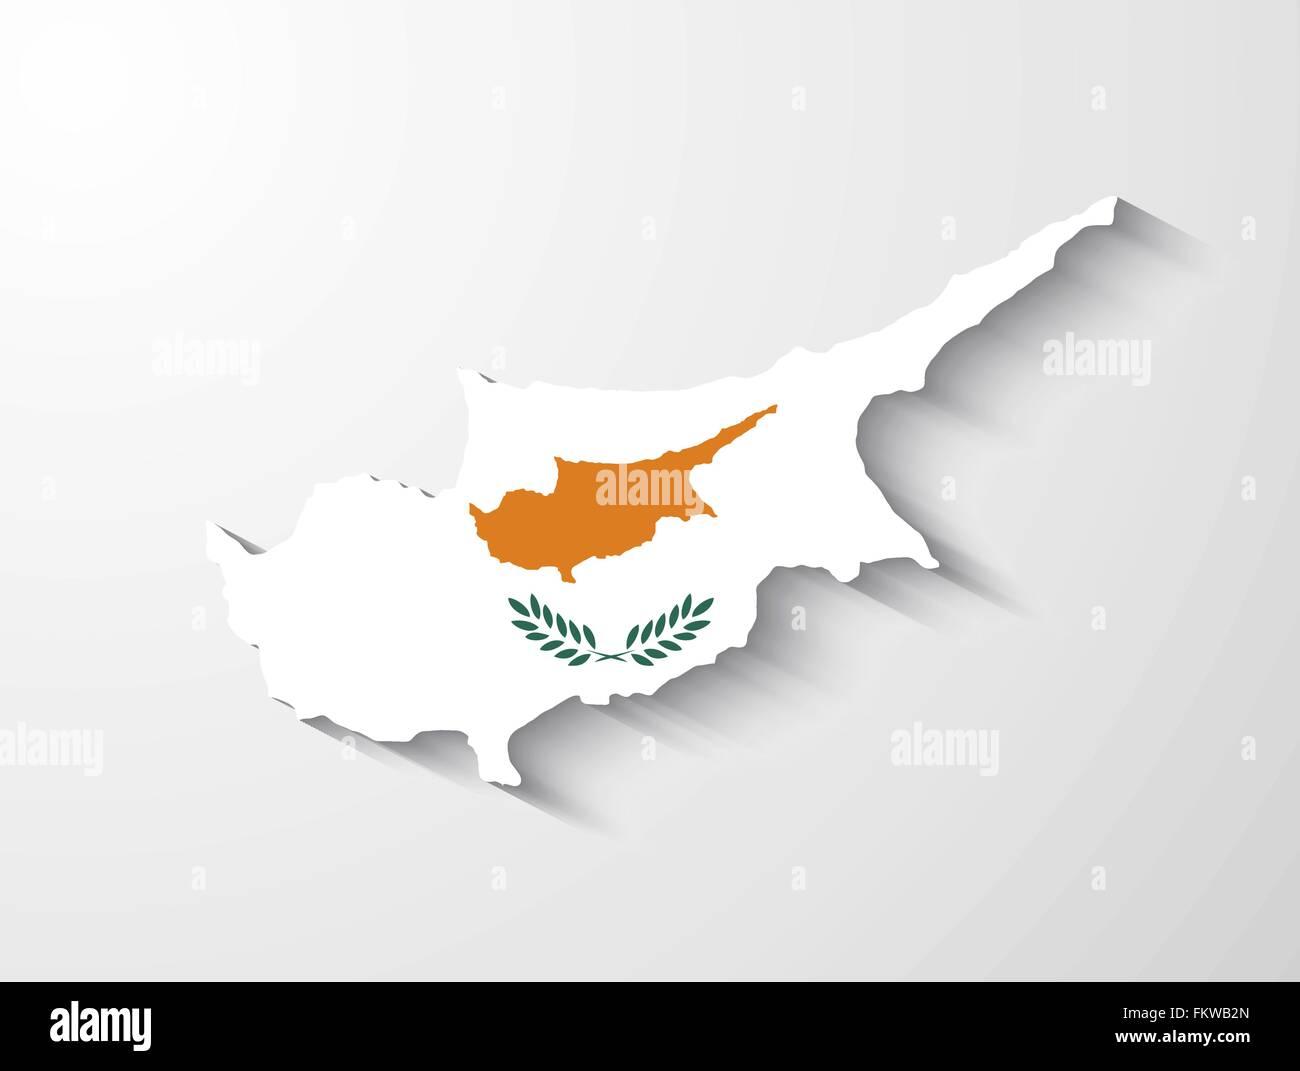 Zypern Landkarte mit Flagge und Schatten-Effekt Vektor Abbildung ...